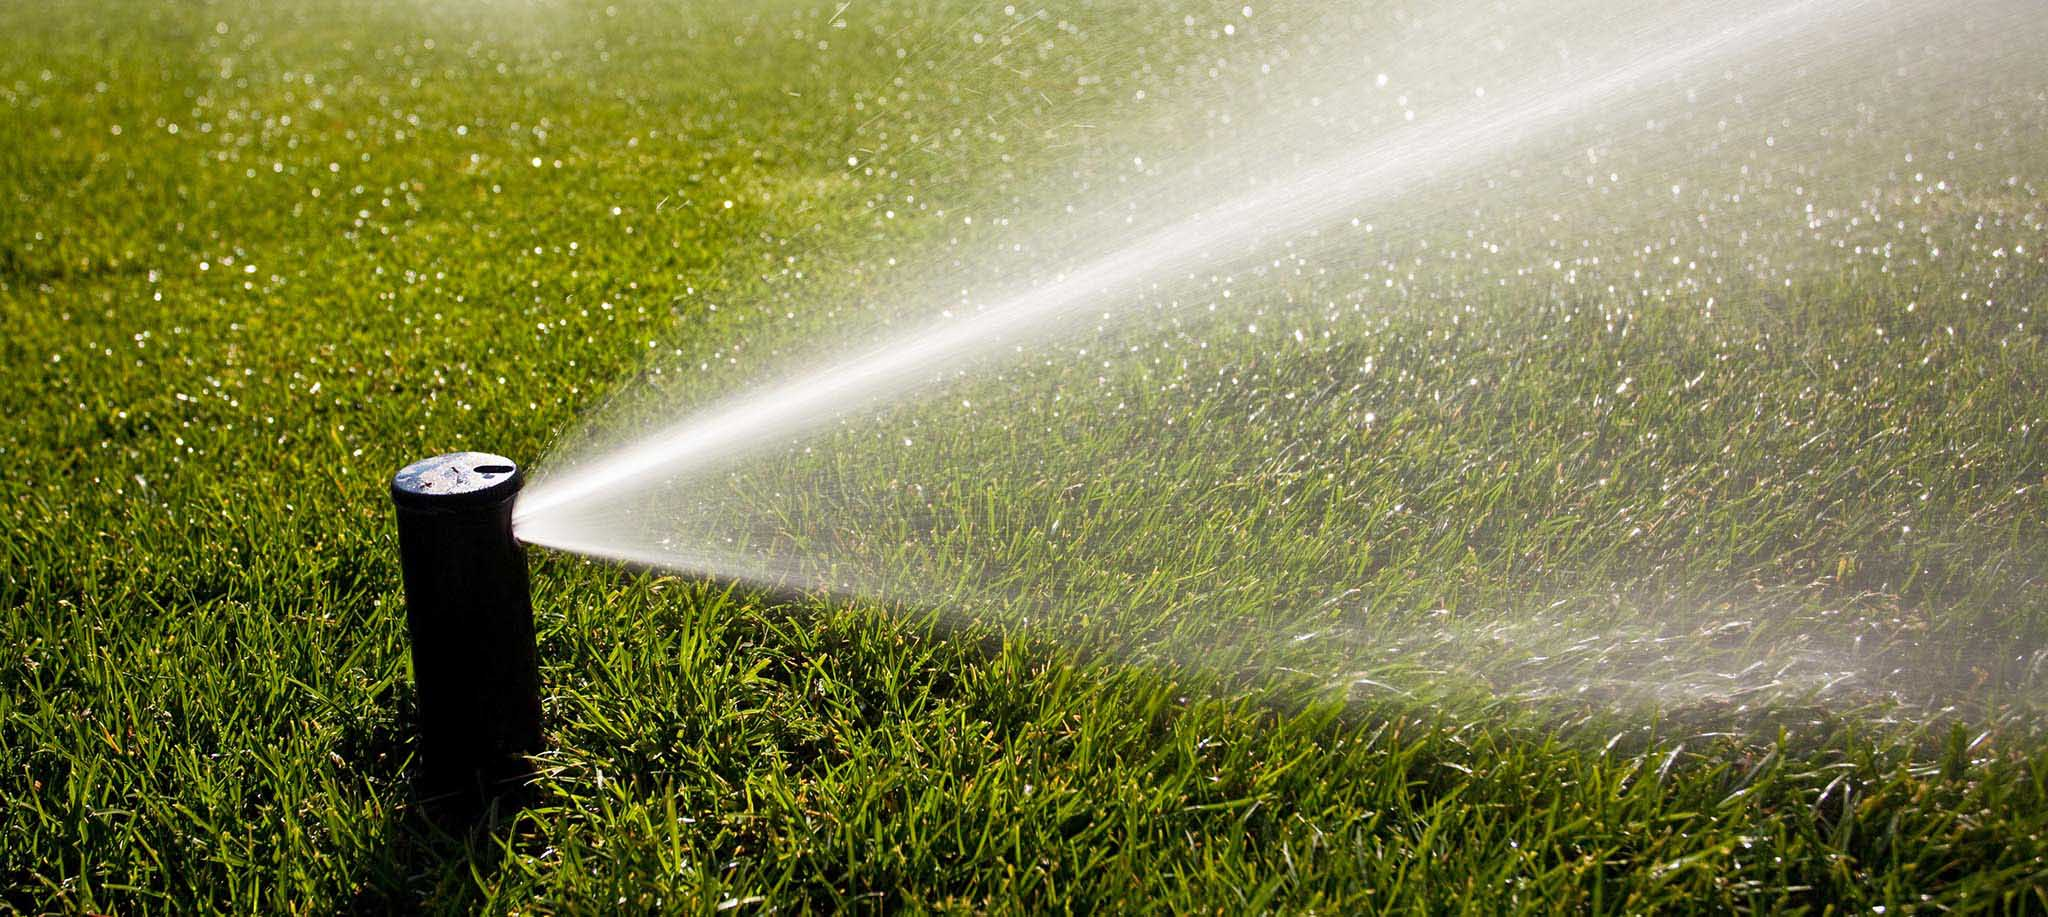 Arrosage automatique stade eau de pluie